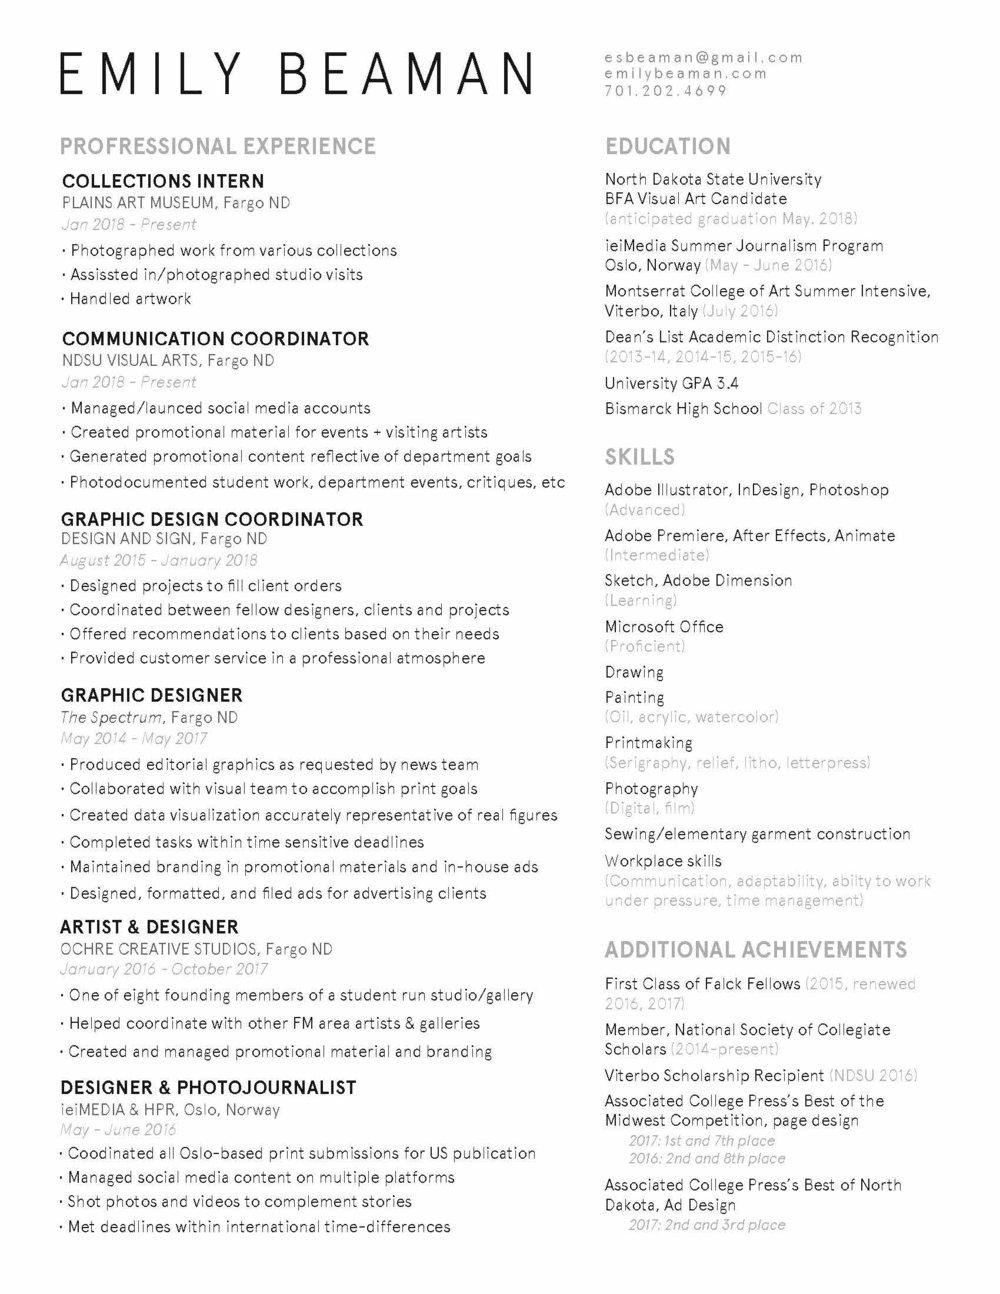 BEAMAN_Resume_April2018.jpg